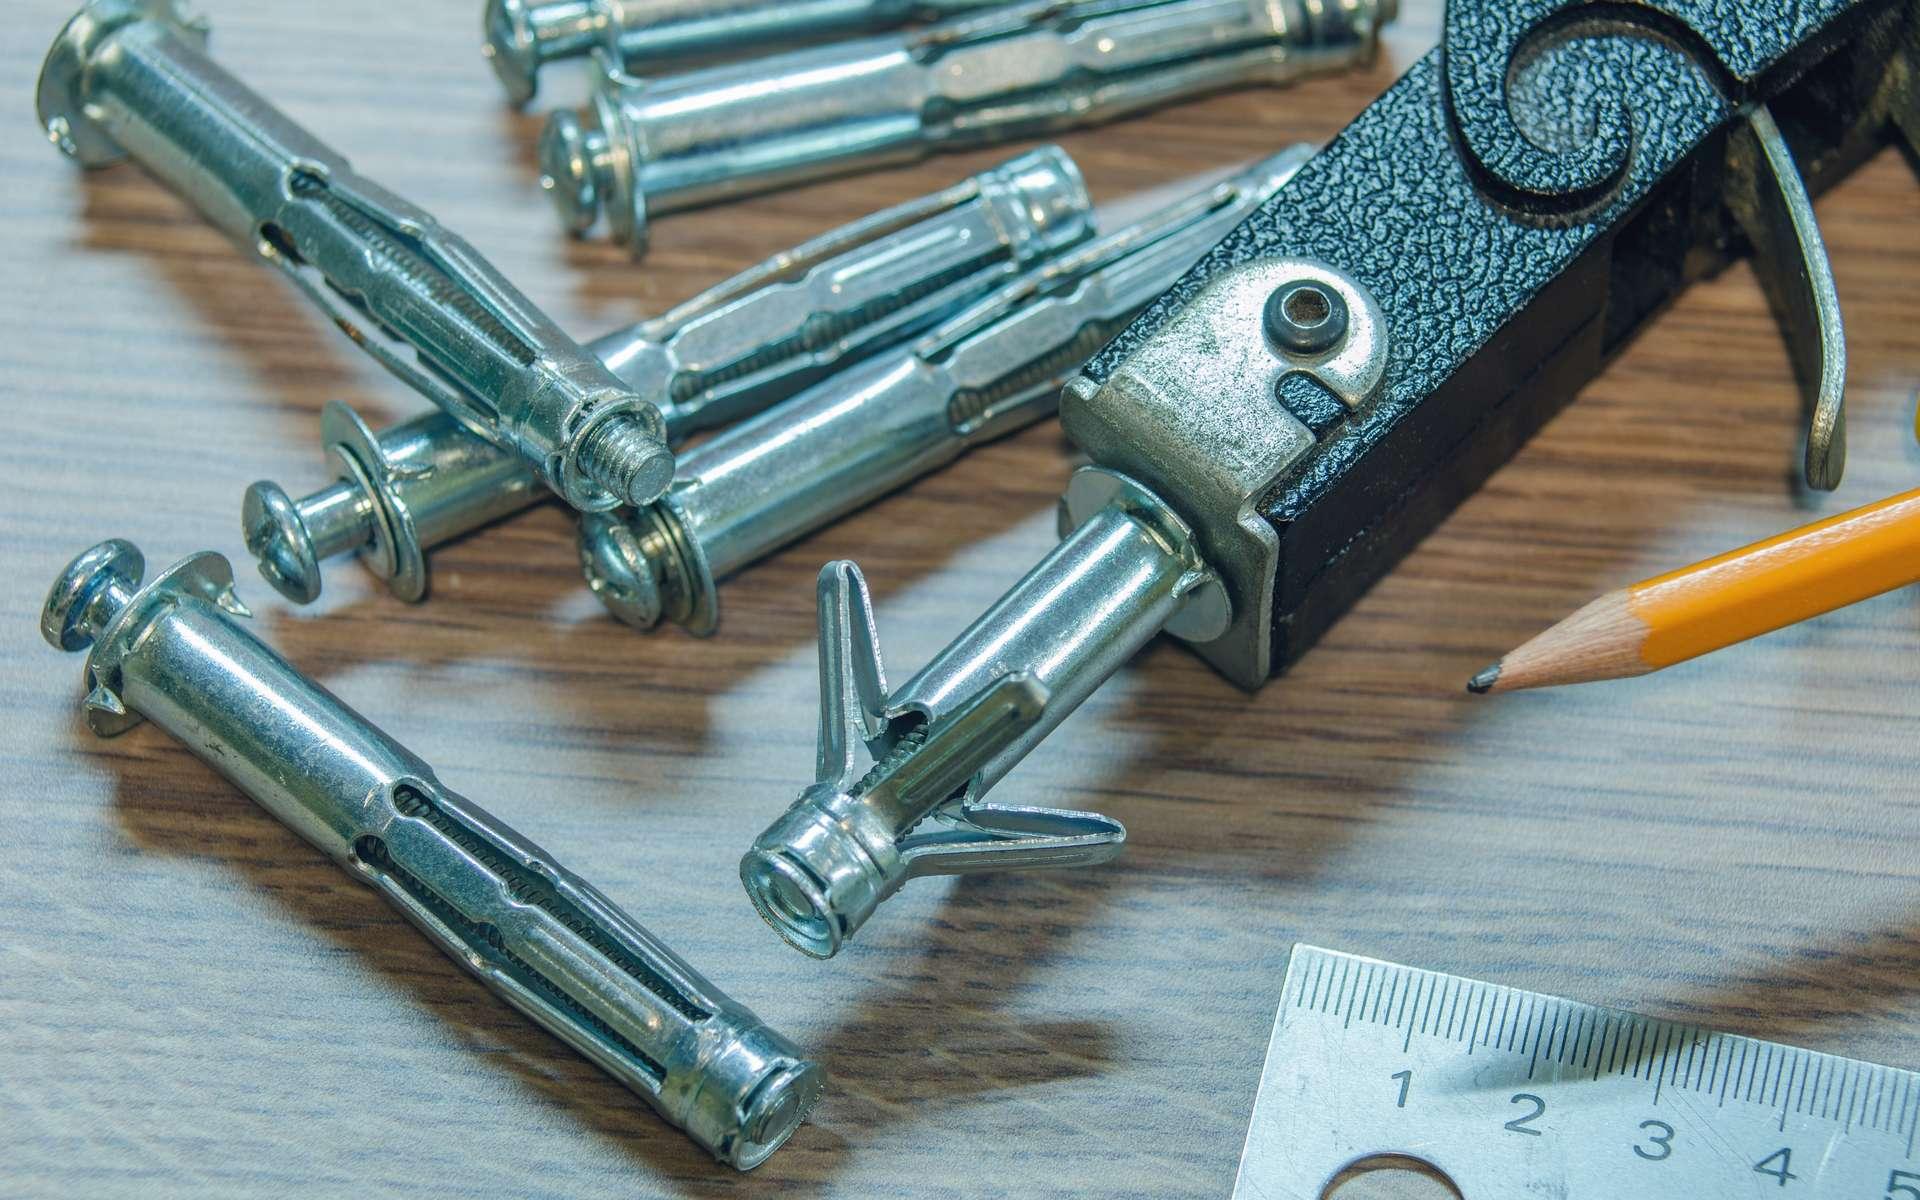 Largement utilisées pour suspendre des objets sur une cloison en plaque de plâtre, les chevilles métalliques à expansion de type « Molly » sont compatibles avec les matériaux creux comme le parpaing, la brique. © Serge0506, Adobe Stock